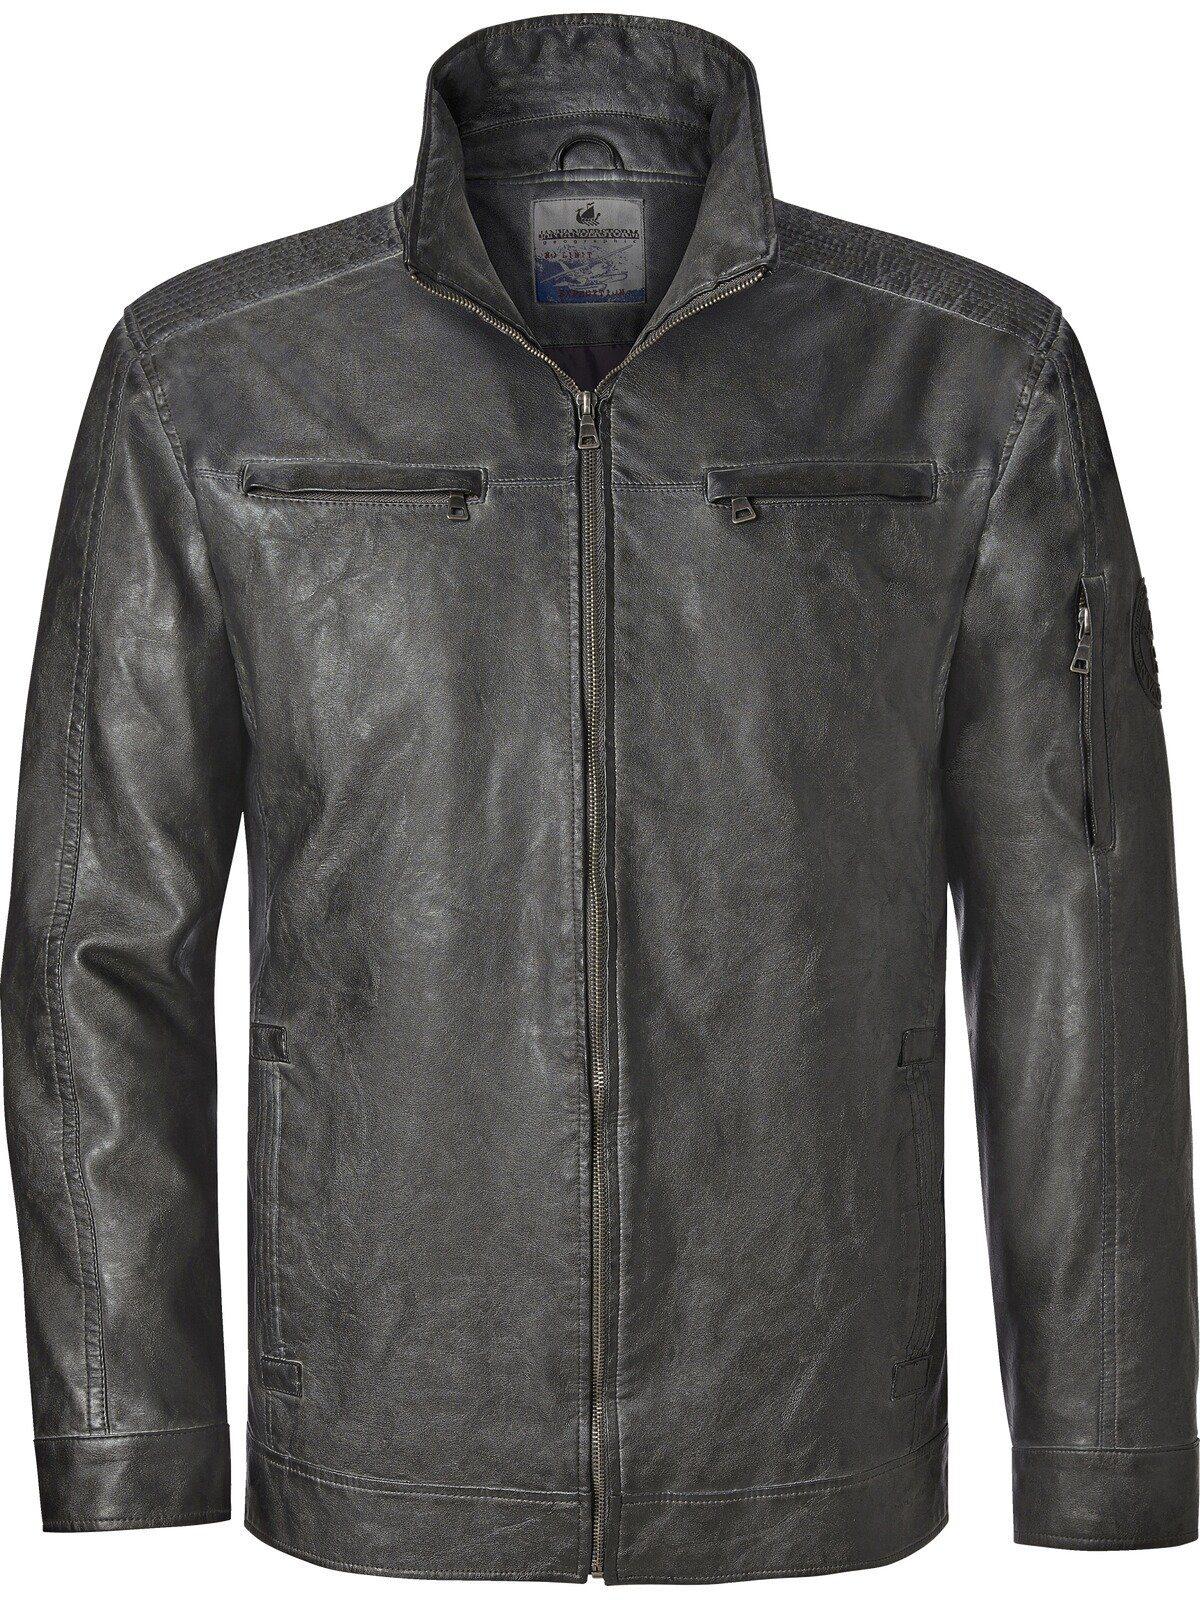 Jan Vanderstorm Lederimitatjacke »TOSTE« jede Jacke ist ein Unikat online kaufen | OTTO